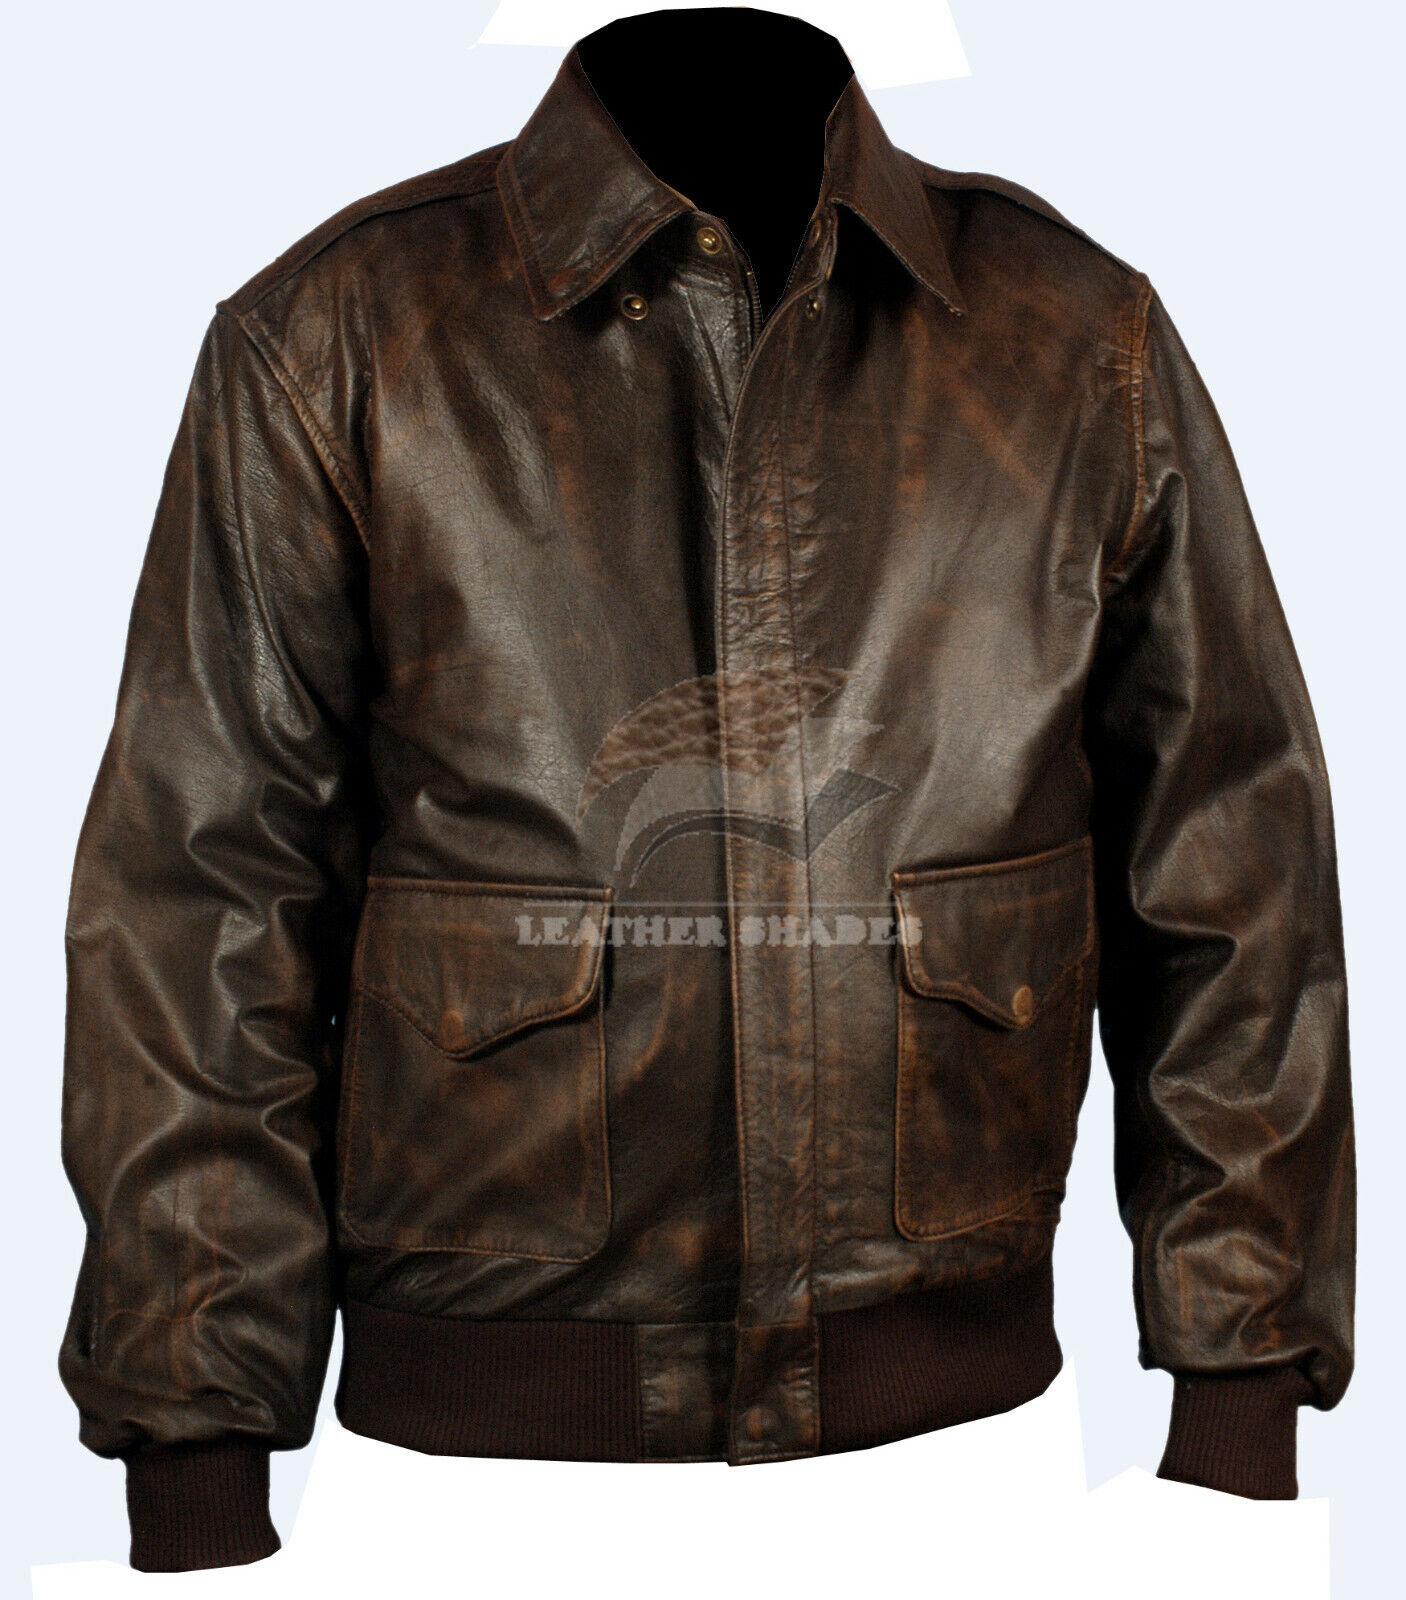 Vuelo A2 de aviador bombardero  de cuero marrón envejecido verdadero Biker Chaqueta XS S M L XL  venta caliente